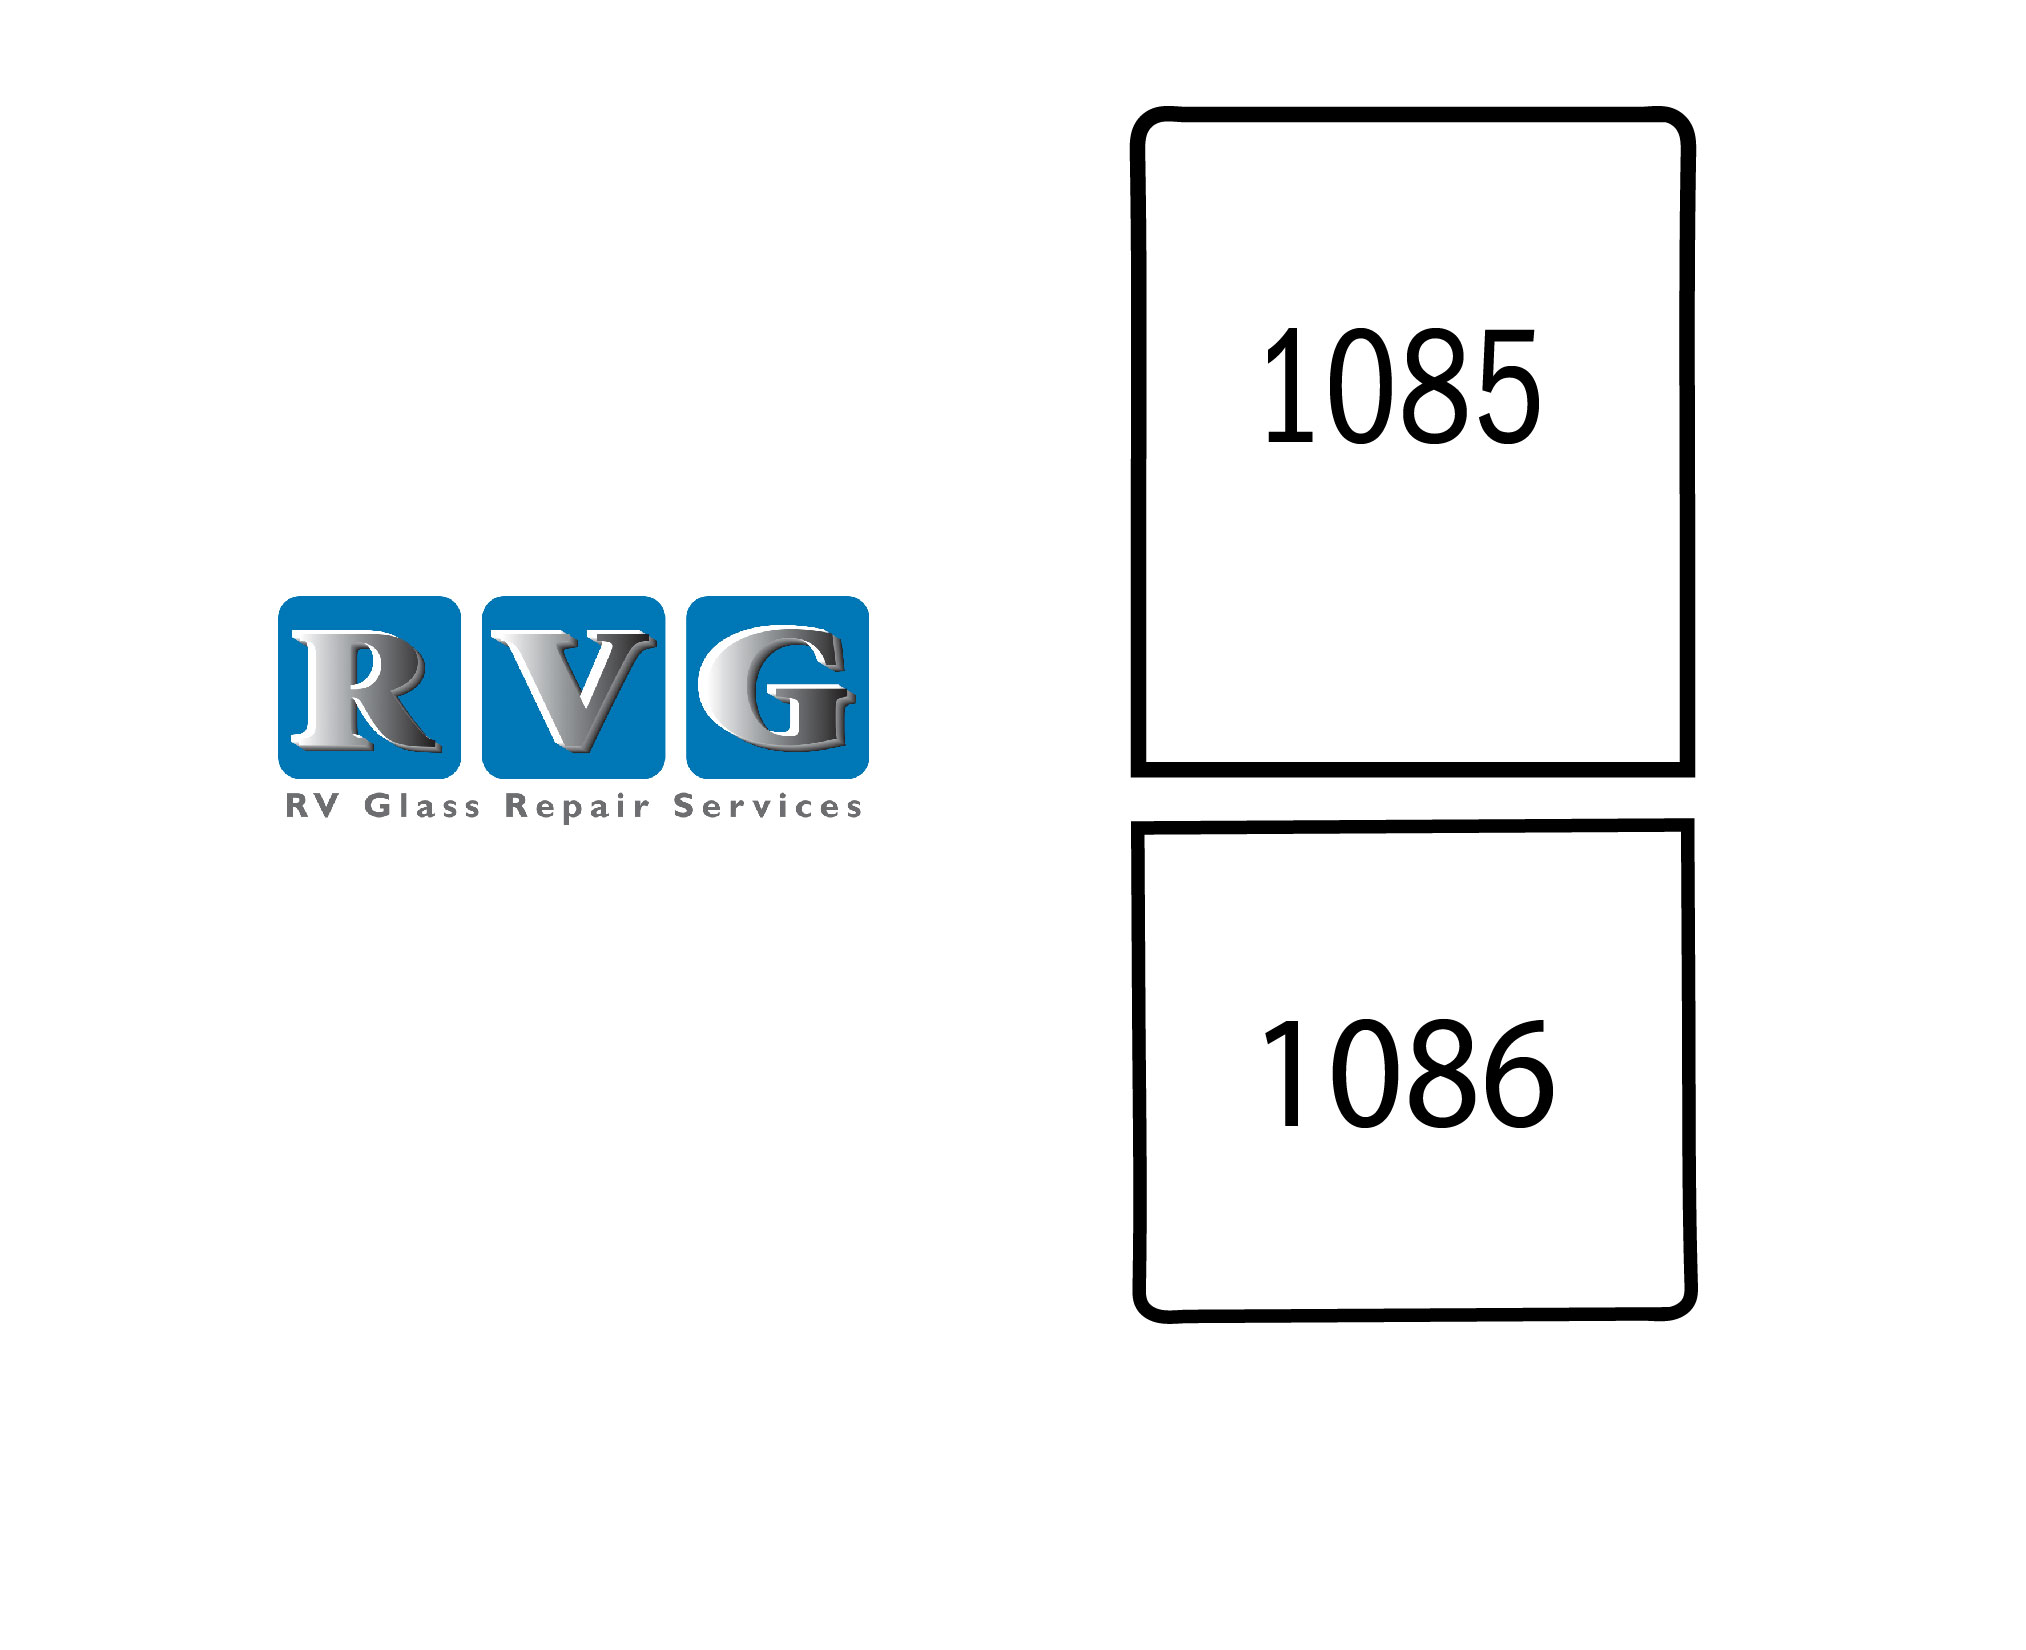 rv glass repair services